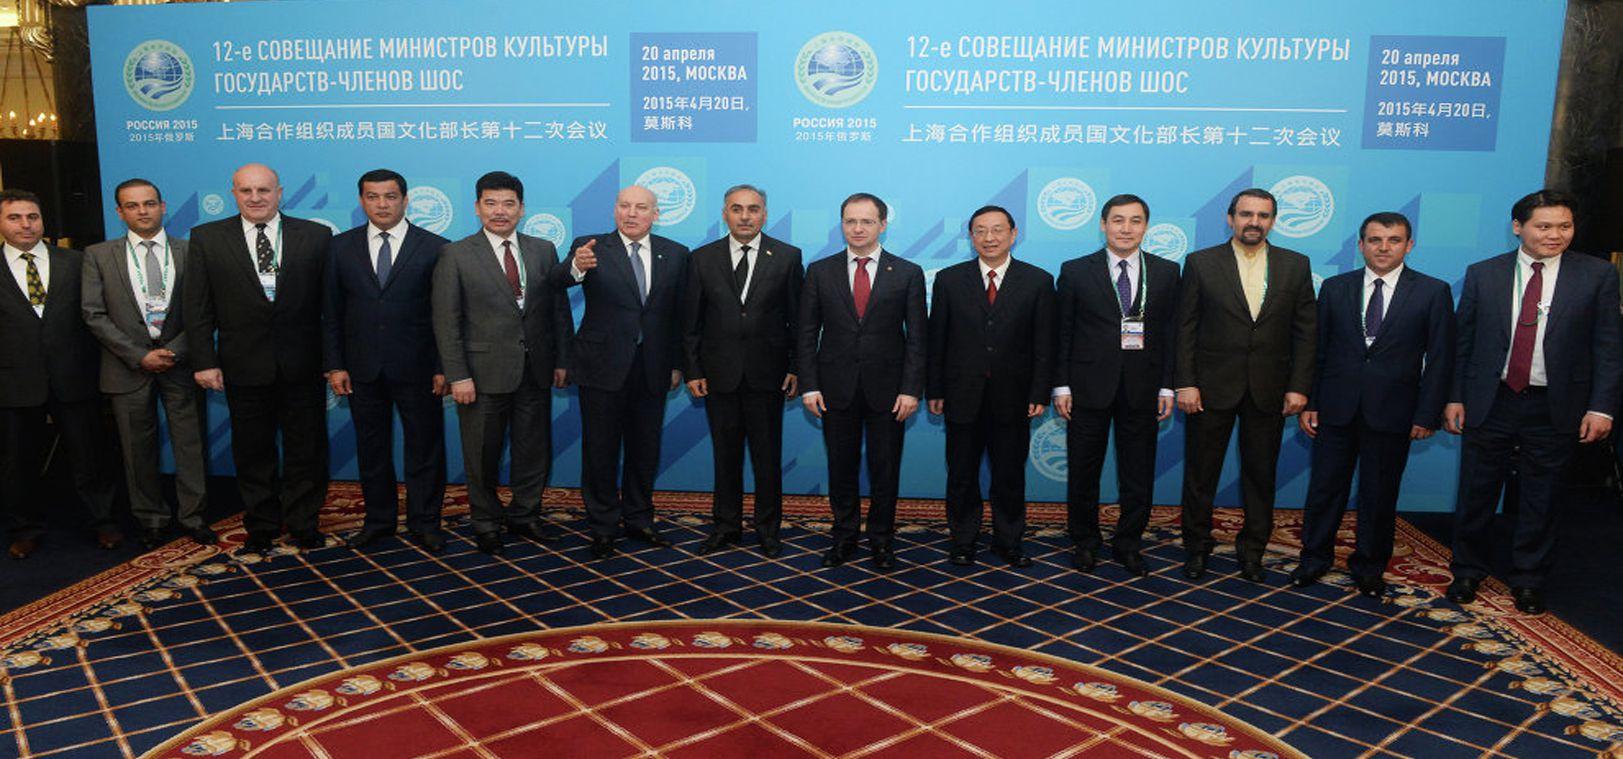 Azeri Sahar Tv | 12-е Совещание министров культуры государств — членов Шанхайской организации сотрудничества (ШОС) |